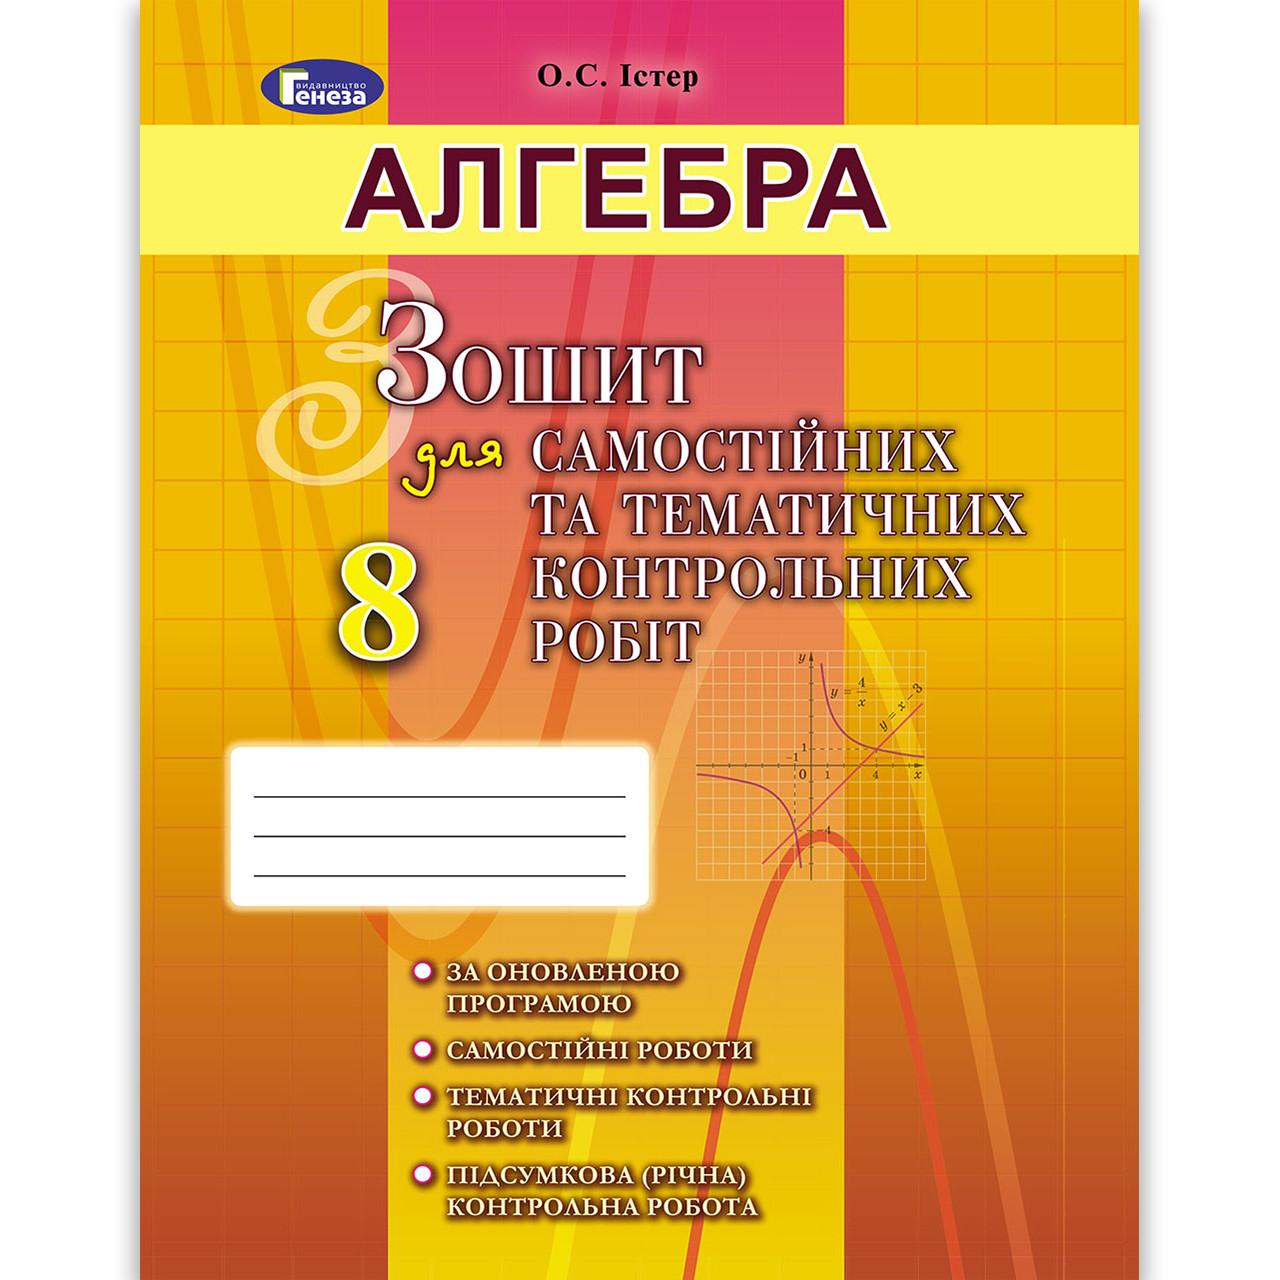 Зошит для самостійних та тематичних контрольних робіт Алгебра 8 клас Авт: Істер О. Вид: Генеза